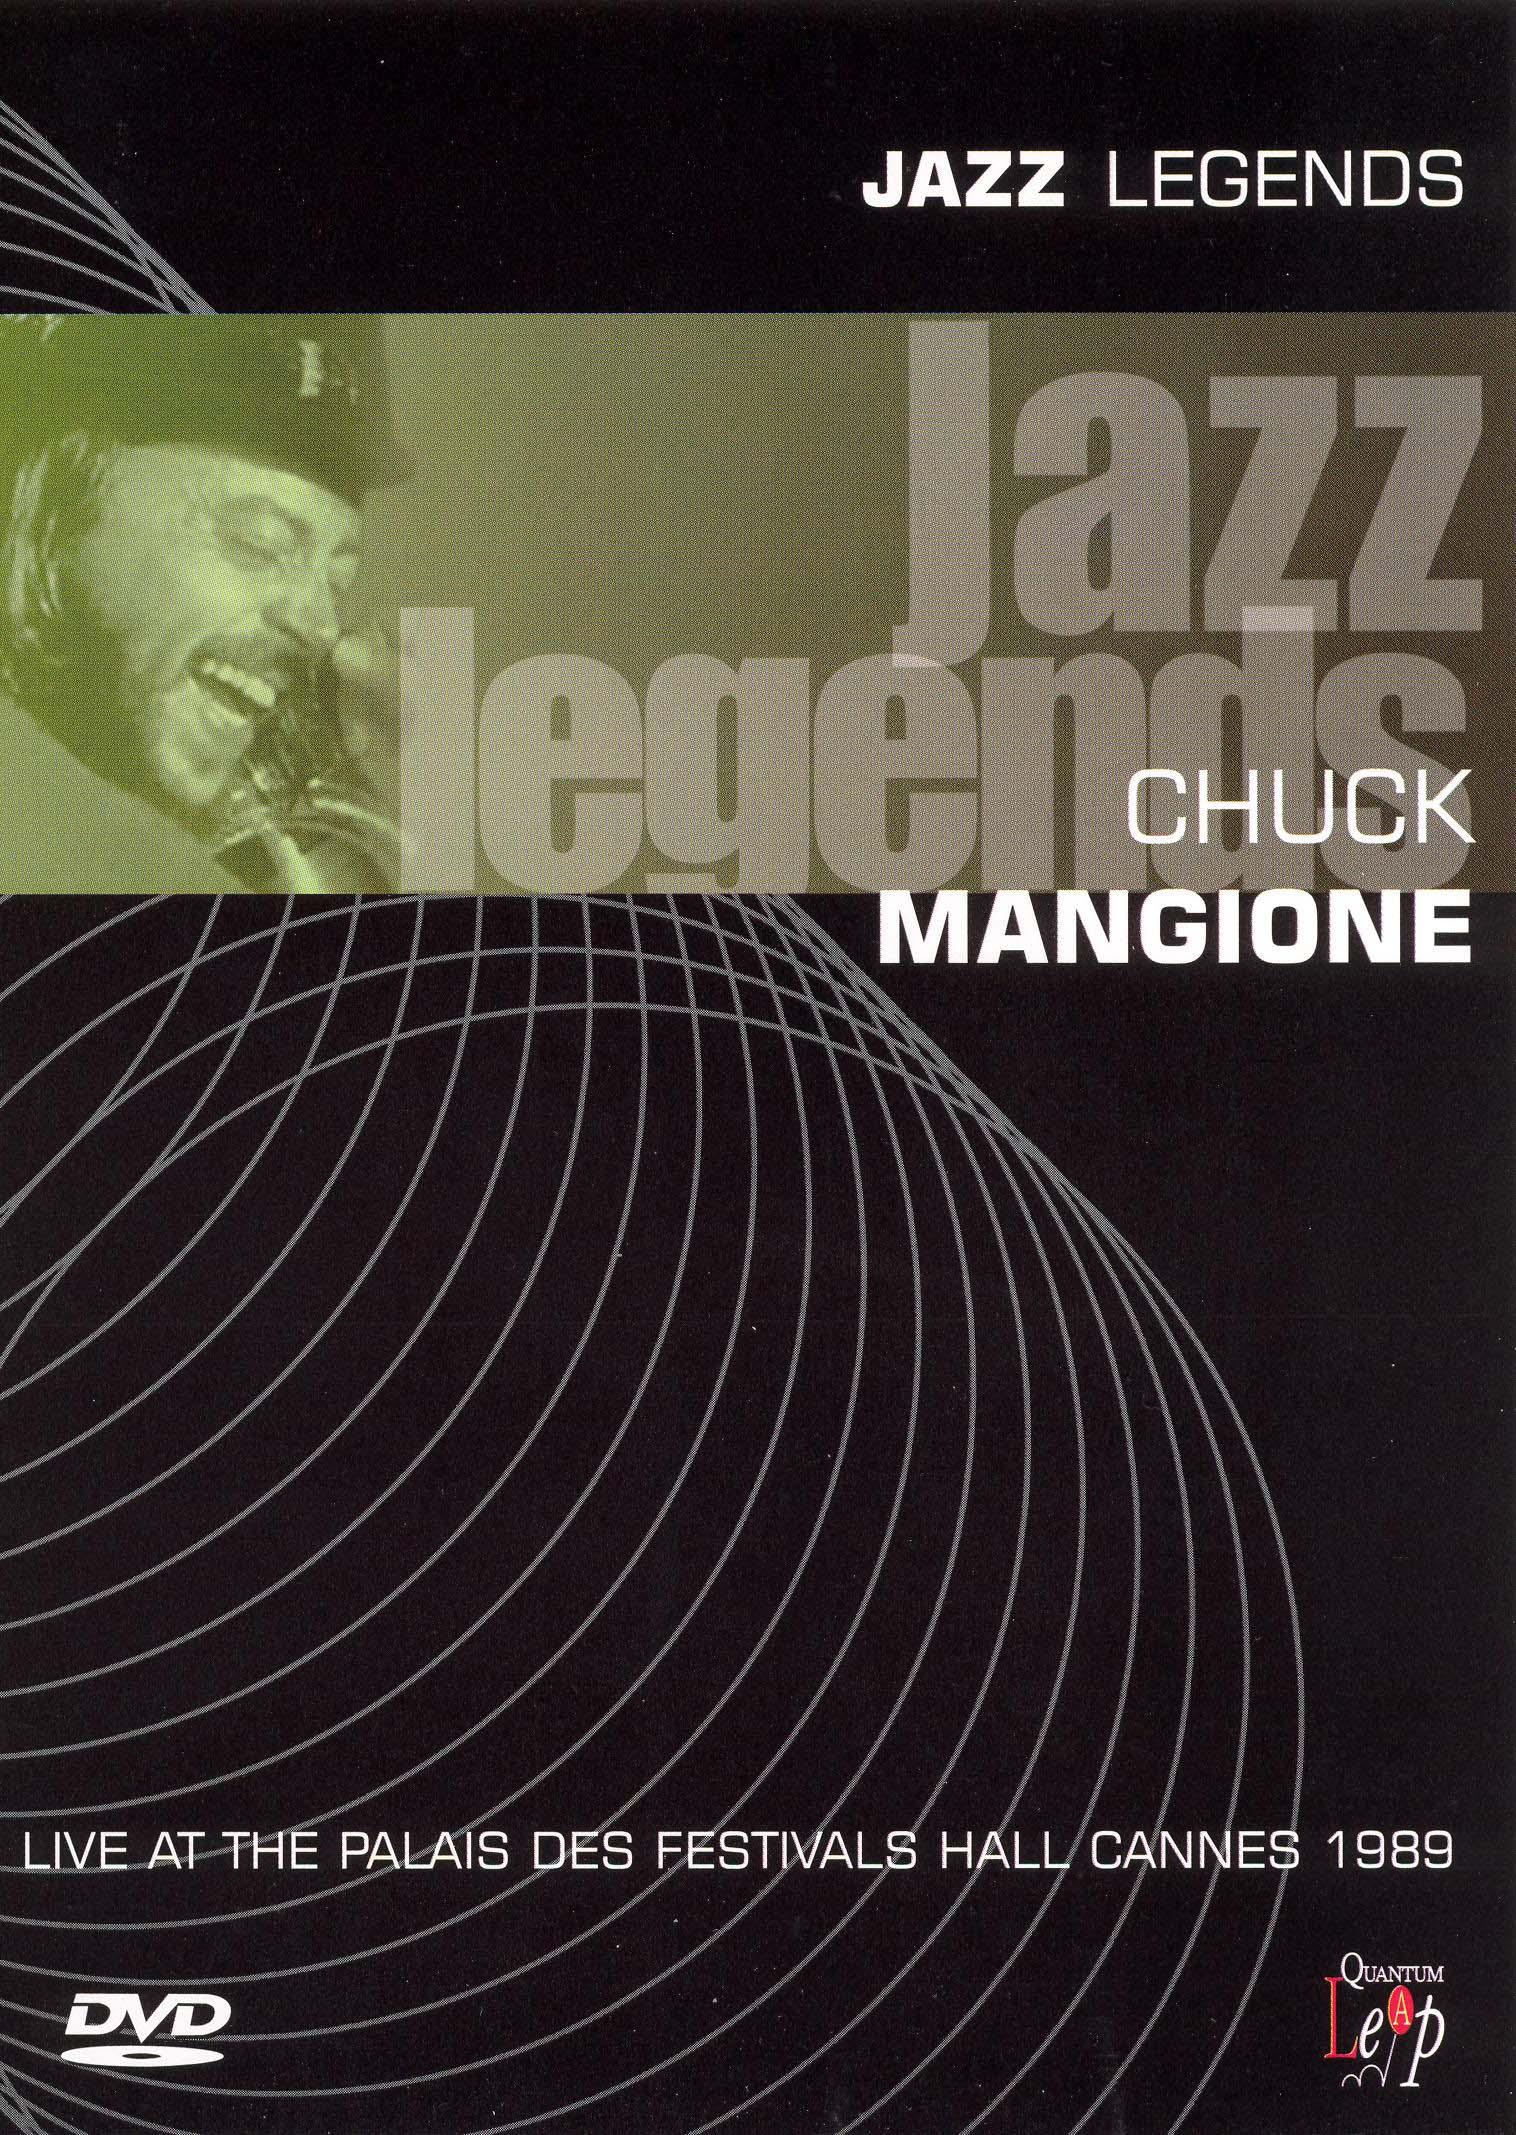 Jazz Legends: Chuck Mangione - Live at the Palais des Fes